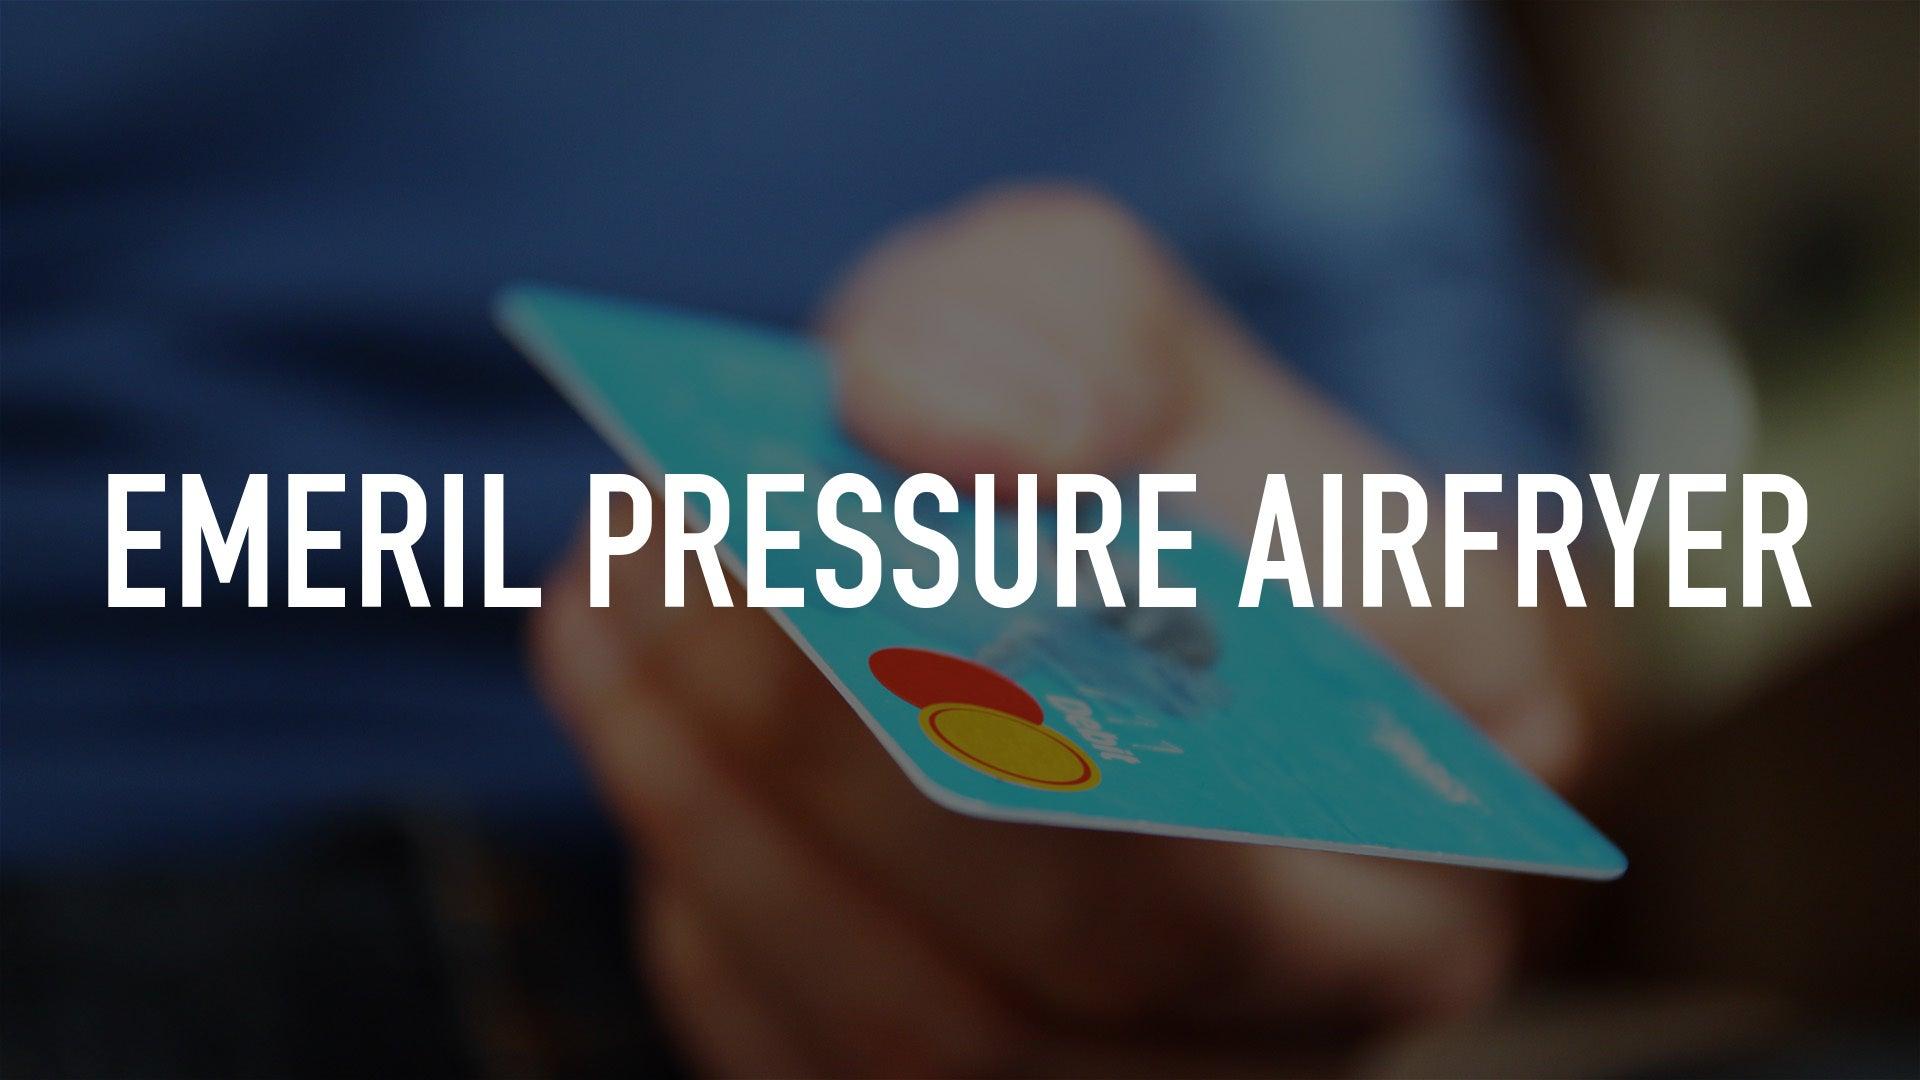 Emeril Pressure Airfryer